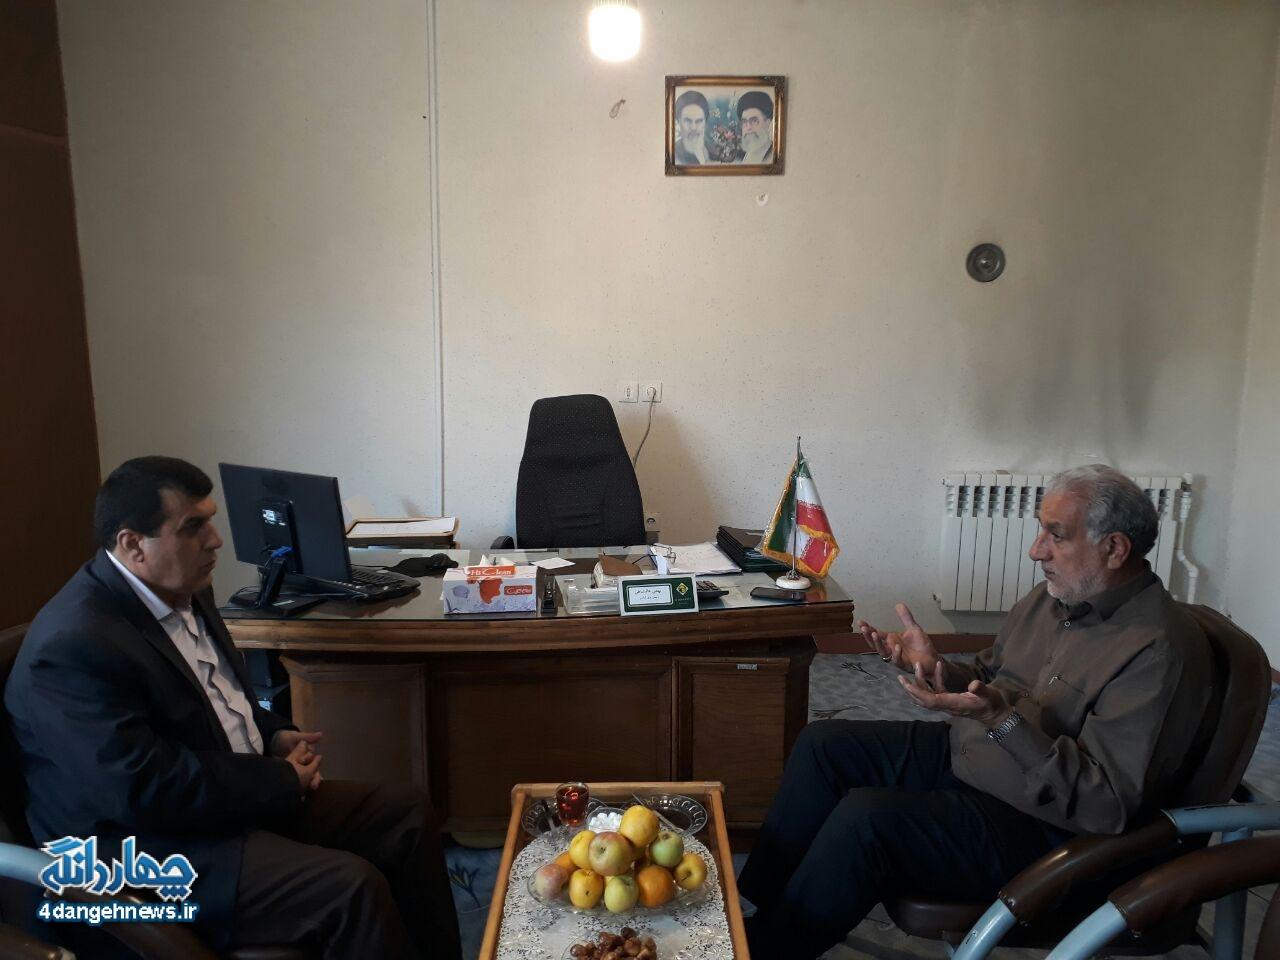 بهمن عالیشاه رییس اداره برق و رییس ستاد دکتر روحانی در بخش چهاردانگه